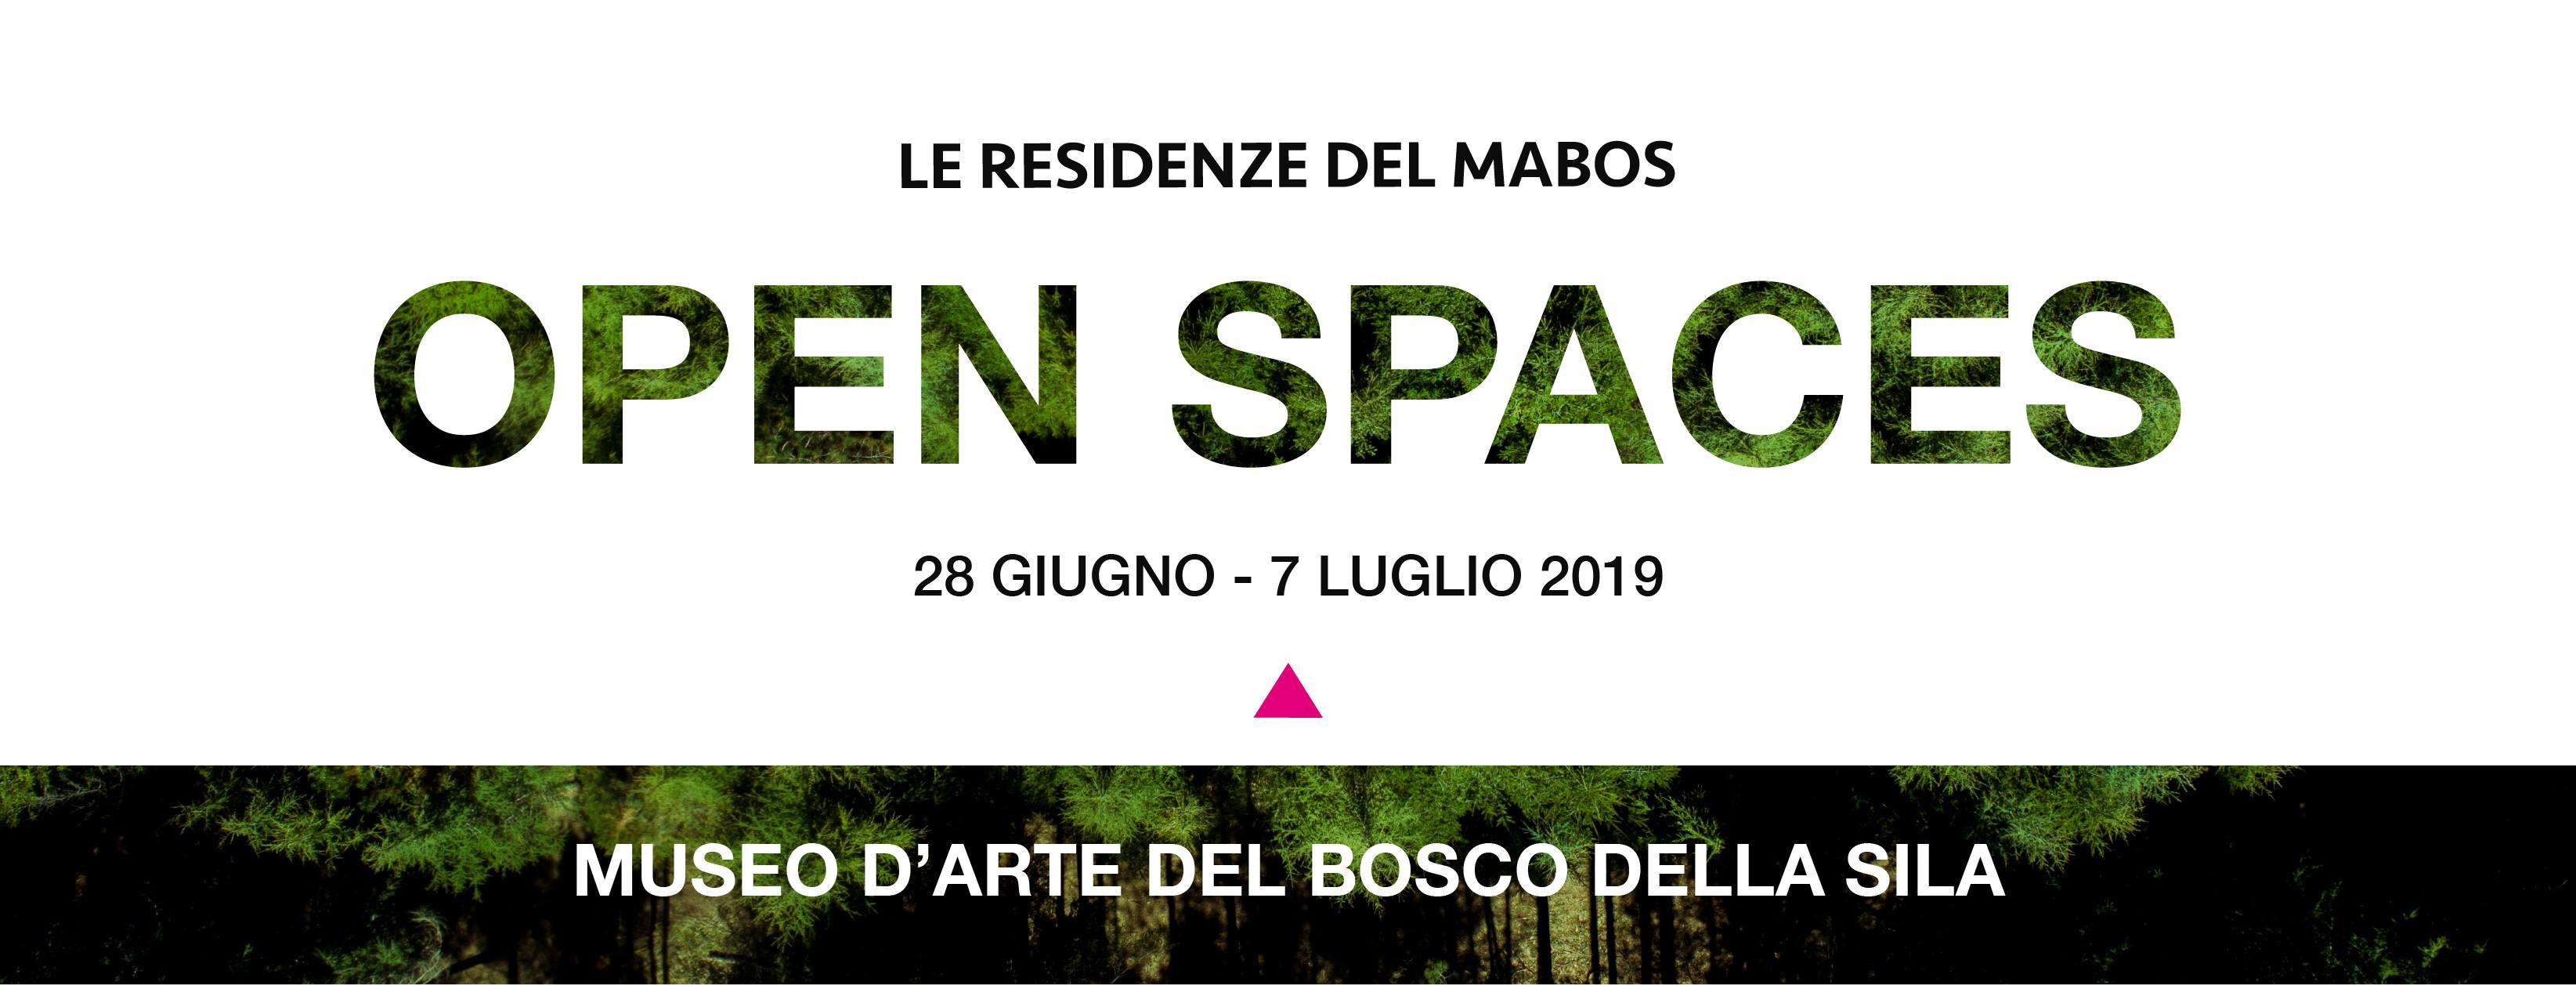 Al via le residenze artistiche del Mabos – Museo d'Arte del Bosco della Sila, l'evento conclusivo il 7 luglio